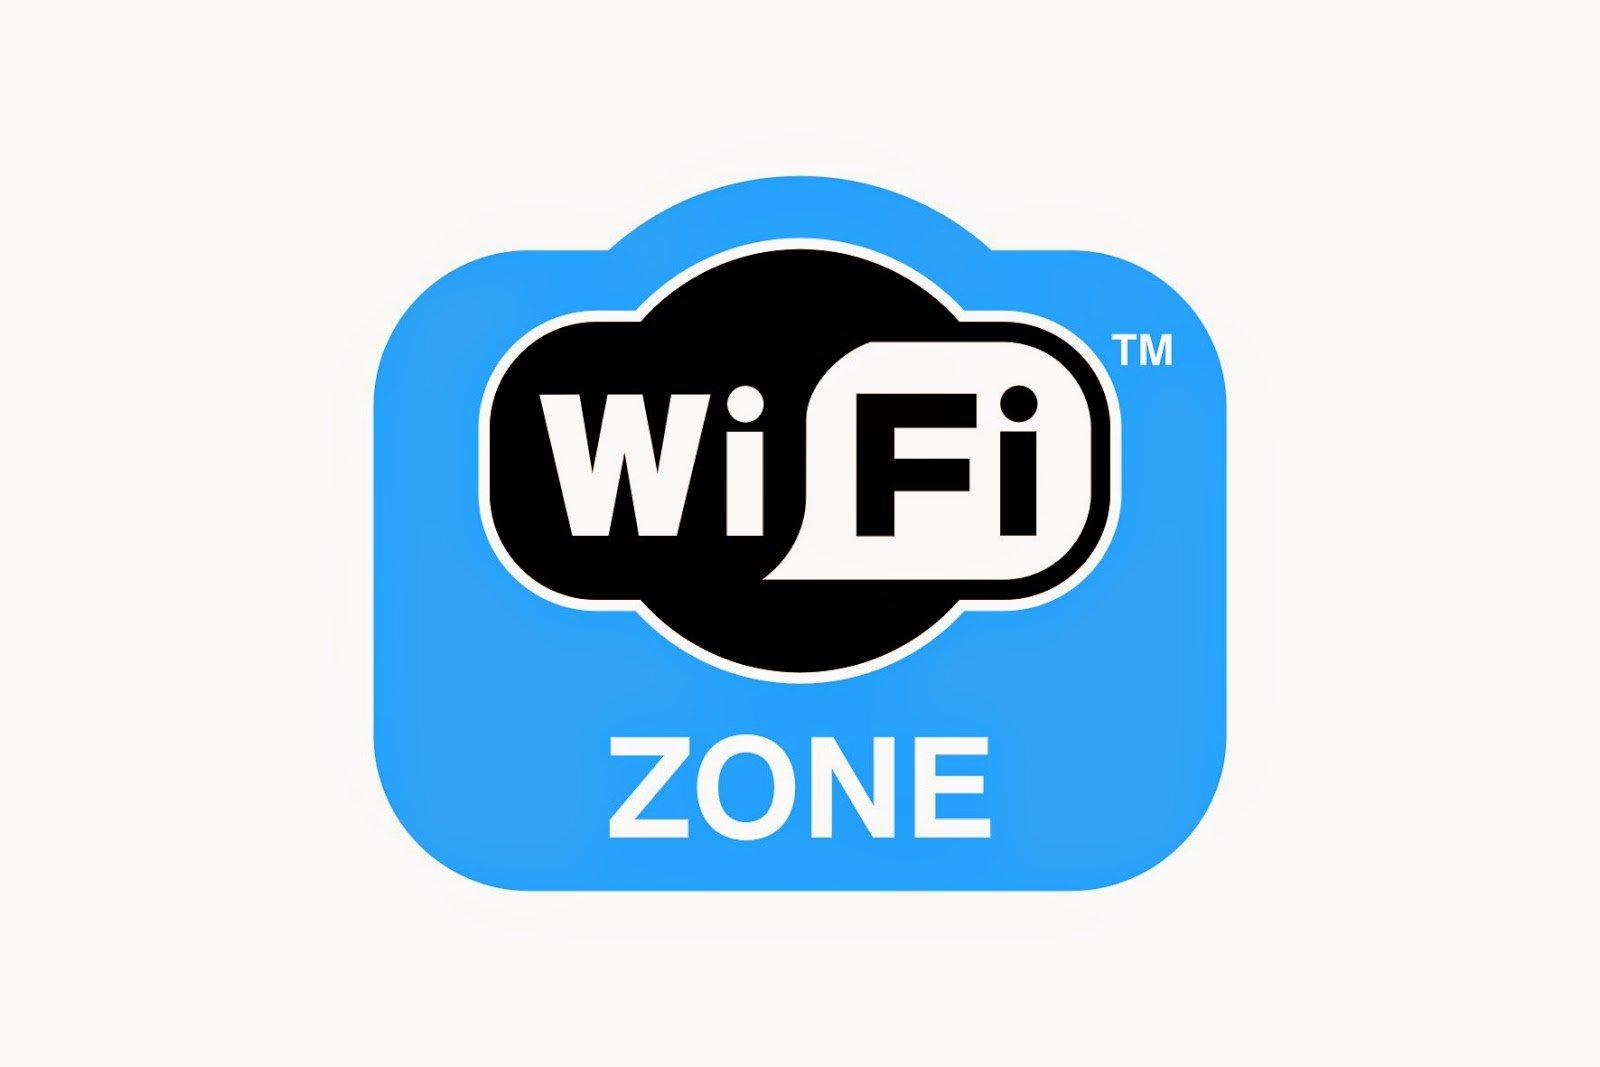 Количество зон с бесплатным Wi-Fi будет значительно увеличено